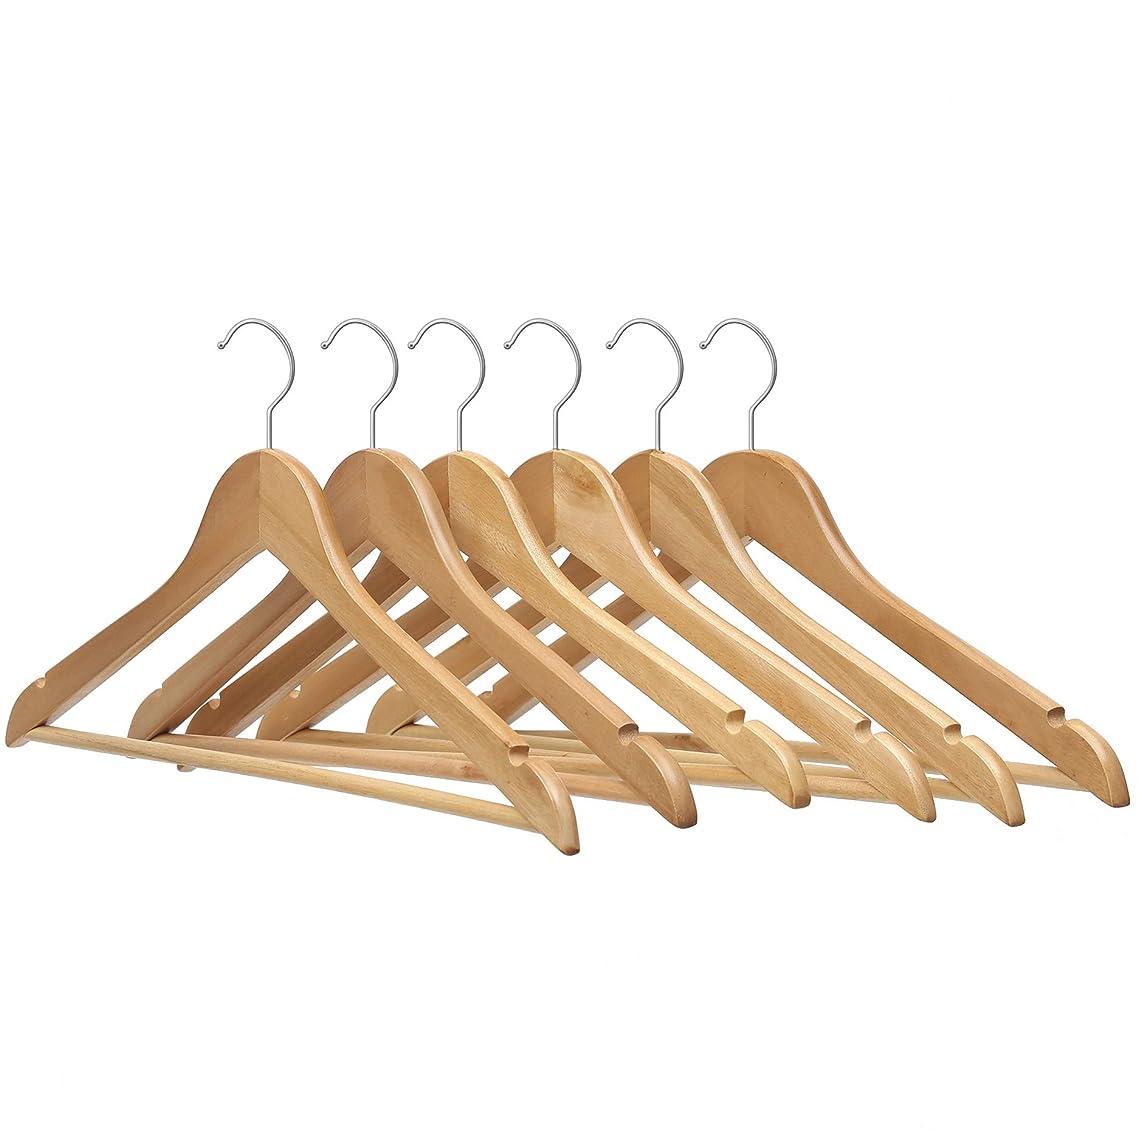 ピックつまらない野球ハンガー 木製ハンガー 洗濯ハンガー 物干しハンガー 衣類ハンガー U型滑り止め 12本組セット ワンピース スーツ シャツ コート用